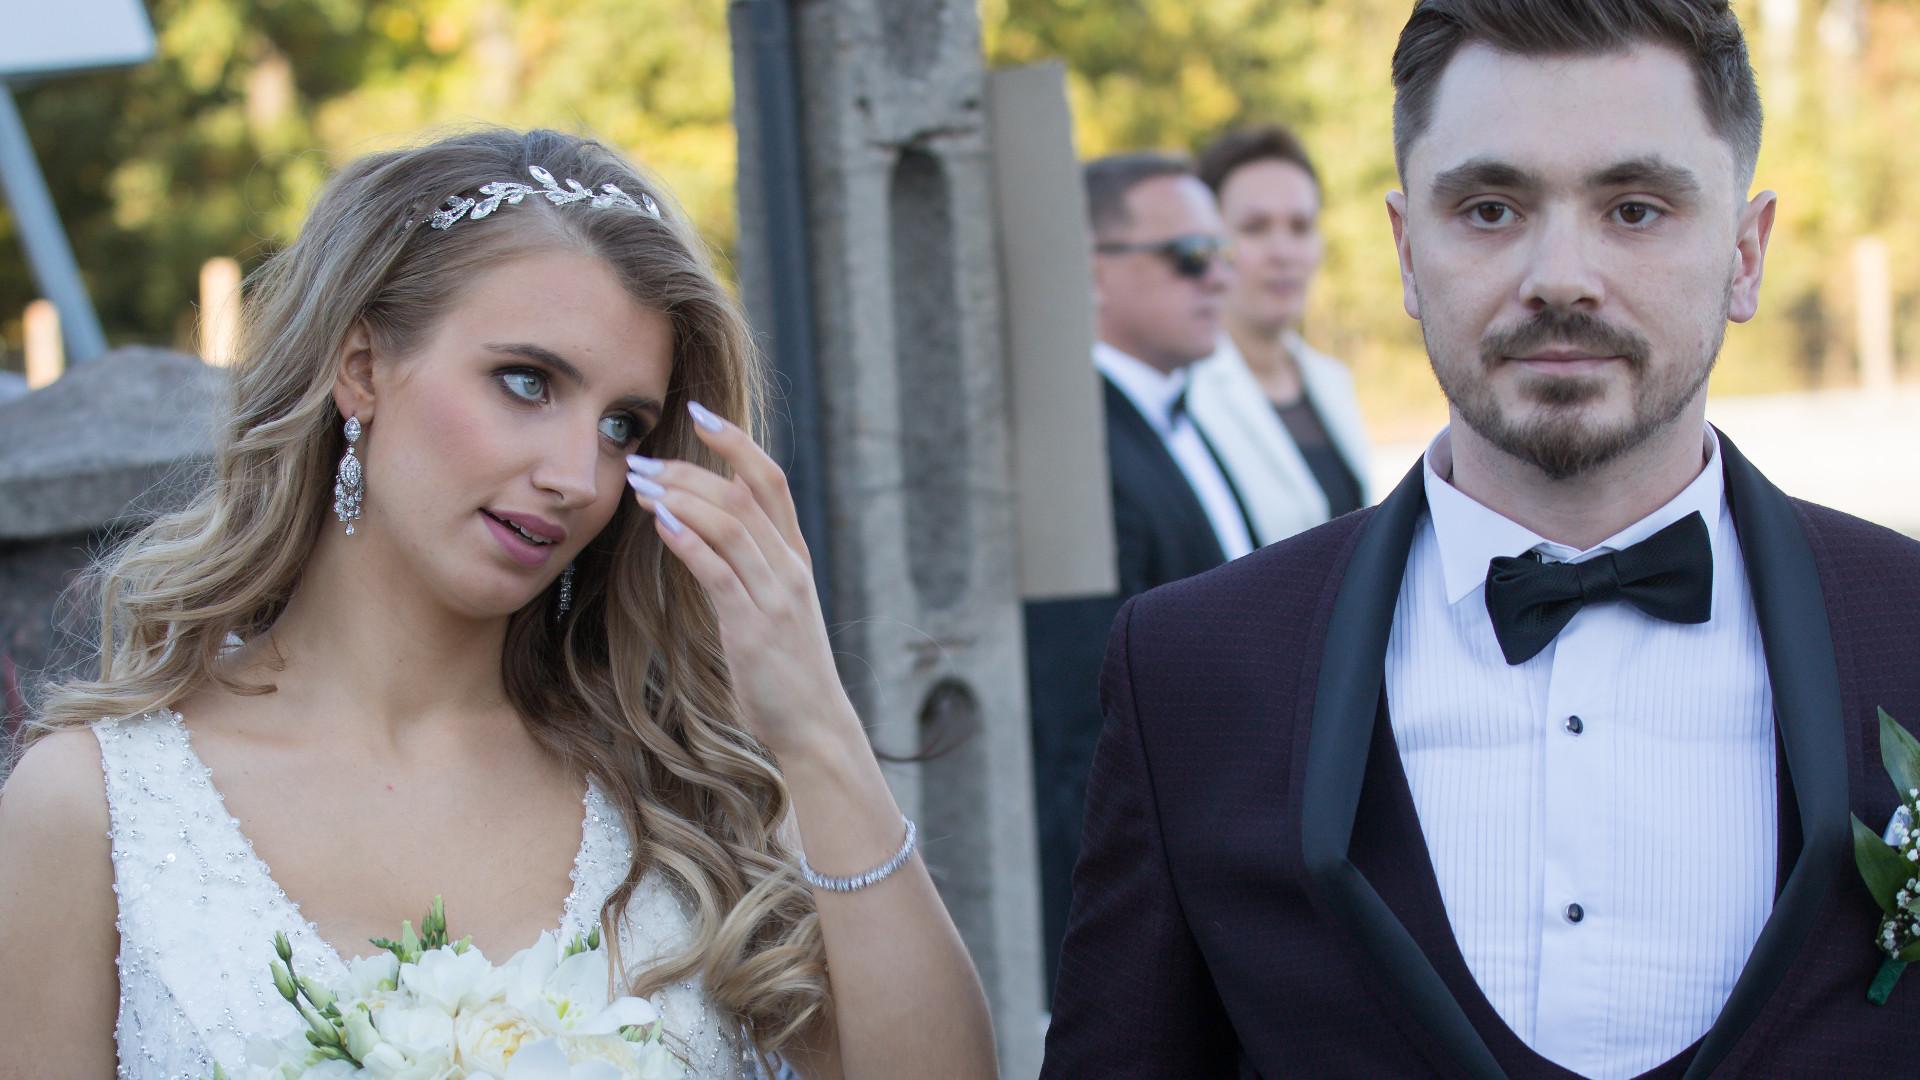 Ewelina Golczyńska wydała oświadczenie. Dziękuje za słowa wsparcia